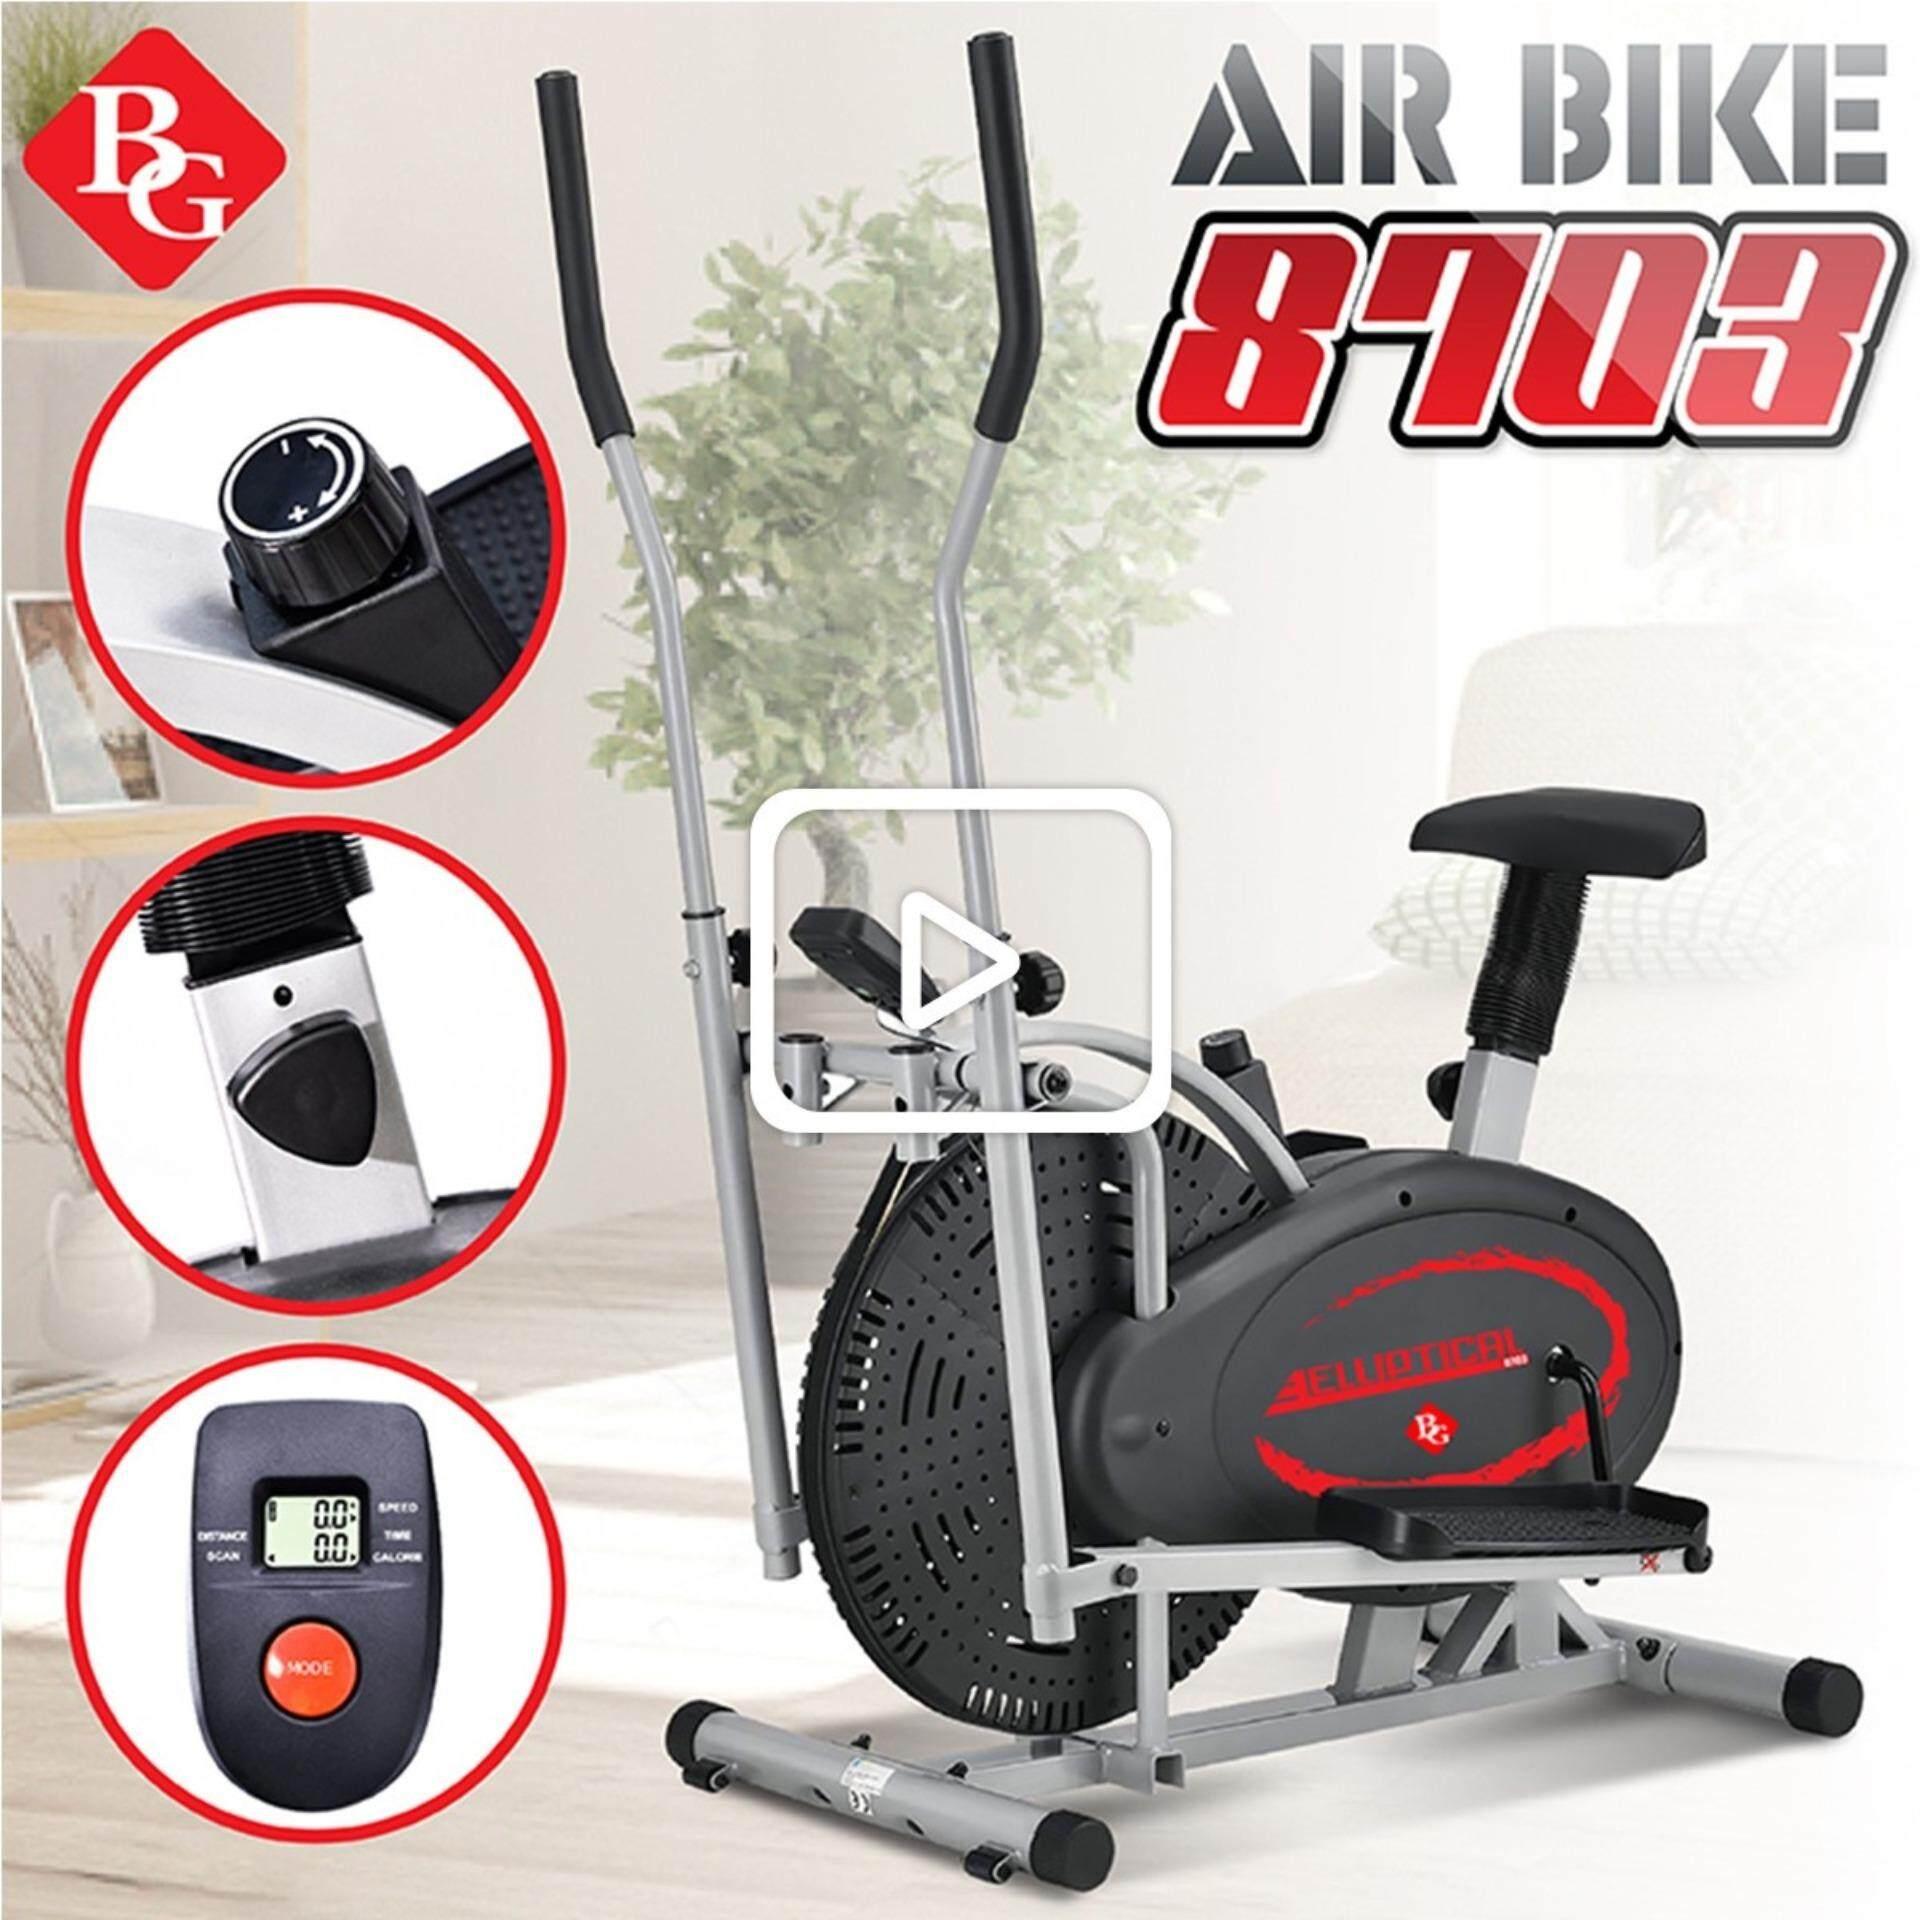 การดูแลรักษา B&G Fitness จักรยานนั่งปั่นออกกำลังกาย เครื่องเดินวงรี Elliptical จักรยานบริหาร Air Bike รุ่น BG8703